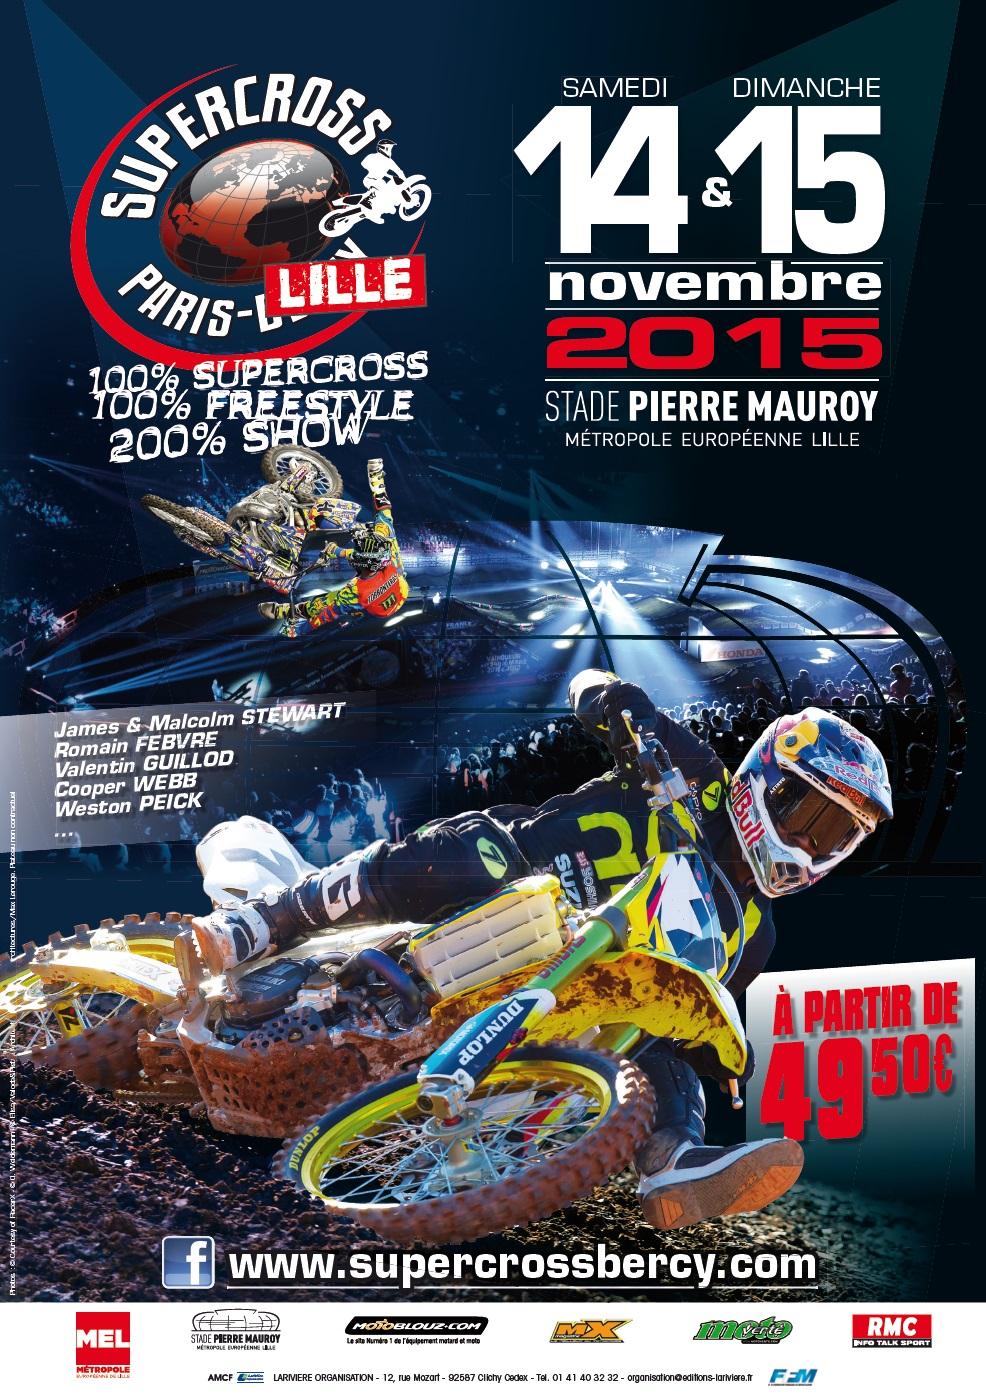 supercross de paris lille 2015 pr t pour le show moto magazine leader de l actualit. Black Bedroom Furniture Sets. Home Design Ideas